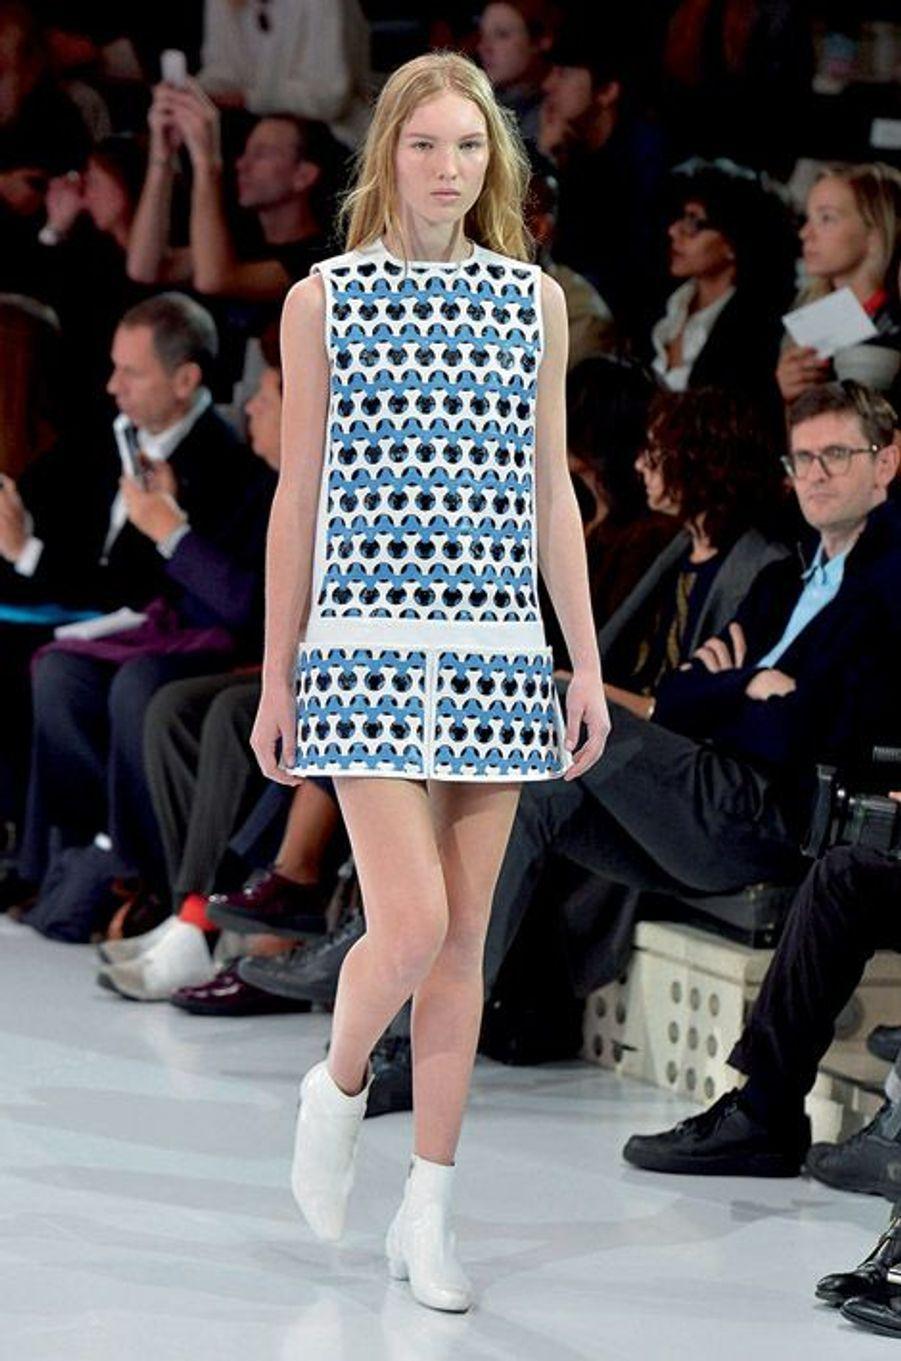 Futurisme des années 1960 et imprimés géométriques pour le retour de la maison sur les podiums après treize ans d'absence. Dans la cour Carrée du Louvre, le final du défilé Dior. En tête, le mannequin porte un pull court festonné en jacquard de laine bleu cobalt sur une robe chemise en voile de coton.Un champ de 400 000 delphiniums et une forêt de Smartphone. Si le réseau est saturé autour des podiums, c'est que les créateurs conviés à la Fashion Week ne manquent pas d'inspiration. Avec une collection « singulièrement futuriste et étrangement romantique », Raf Simons a donné le ton pour cette semaine de shows spectaculaires relayés dans le monde entier sur les réseaux sociaux. En plein mois d'octobre, la capitale française a décliné le printemps prochain en 91 défilés et une promesse : le pouvoir de séduction revient en force avec une mode ultra féminine. Alors que la femme fleur de Dior dégage pureté et simplicité, la dame de fer choisit le clinquant : pendant huit jours, la tour Eiffel a affiché « La mode aime Paris ».Justicière de l'espace aux cheveux roses tout droit sortie de studios d'animation japonais, tribu de nomades aux crêtes iroquoises acidulées, gladiatrices aux cuissardes en vinyle… Quand la mode rencontre la technologie et l'univers numérique, les enseignes de prêt-à-porter mêlent l'esthétique des jeux vidéo ou des dessins animés aux codes vestimentaires de la rue. Avant-garde et influences rebelles venues du punk ou du rock. Un cocktail détonant pour figurer des héroïnes modernes.Echappée belle porte « N° 5 »… Quand Karl Lagerfeld prend les commandes de la « Chanel Airlines », le Grand Palais devient l'aéroport « Paris Cambon », temple de l'escale aérienne. Entre les comptoirs d'enregistrement et les bancs métalliques, circulent des vacancières sophistiquées mais décontractées, casquettes à l'envers ou chemises nouées autour de la taille. « J'aime cette idée de vêtements faits de matières très riches, et portés comme du streetwear », dit le couturie